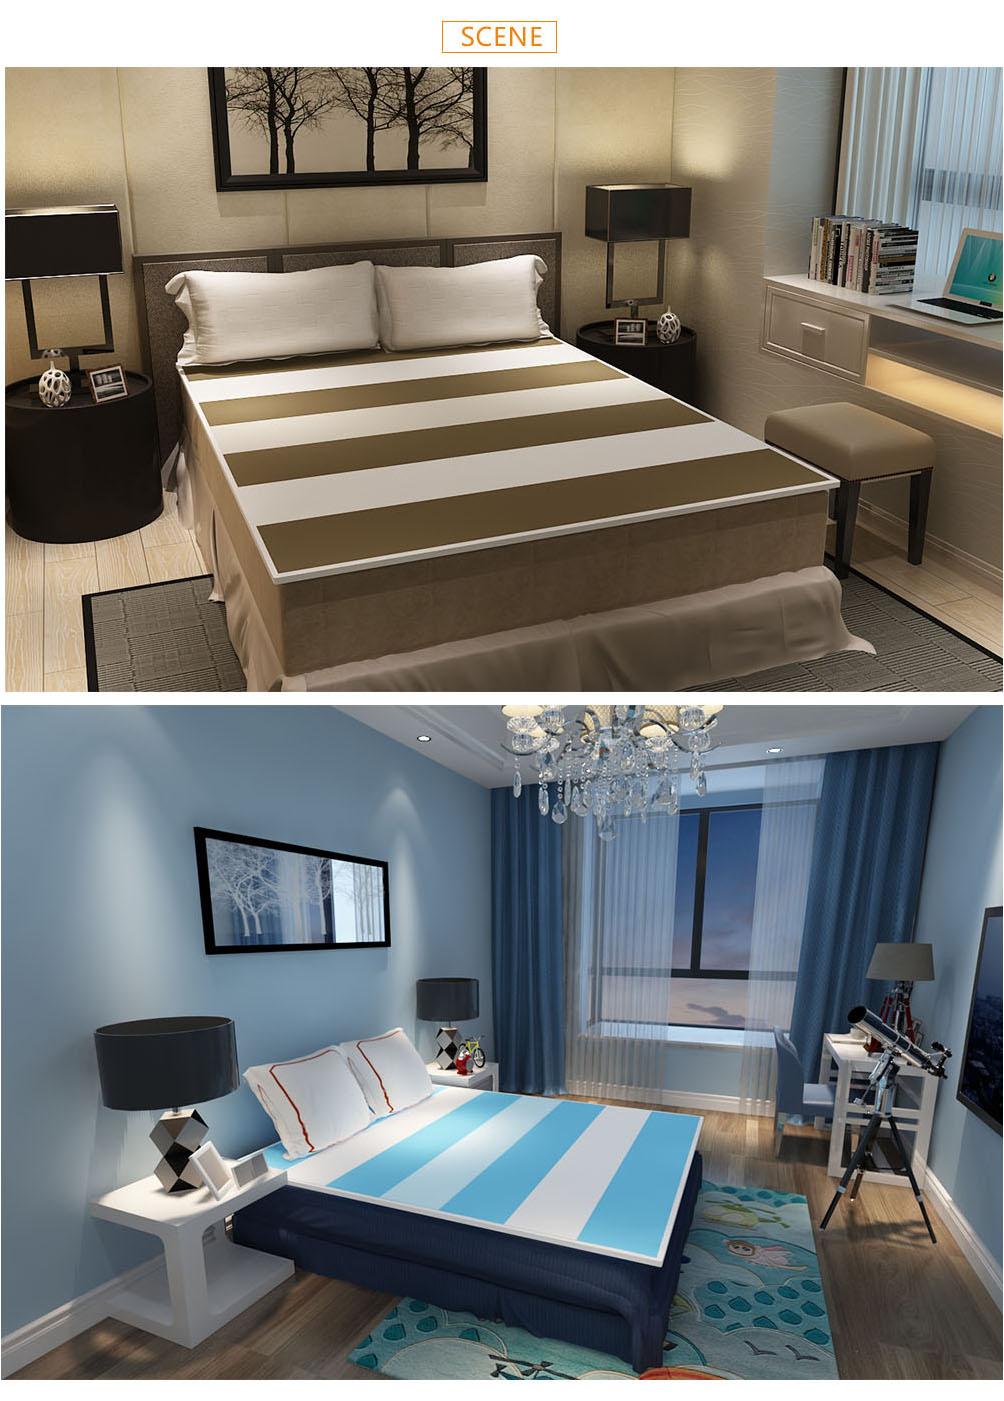 Seperately support ability 3d mesh fabric wellcool mattress topper,mattress pads,cool mattress topper